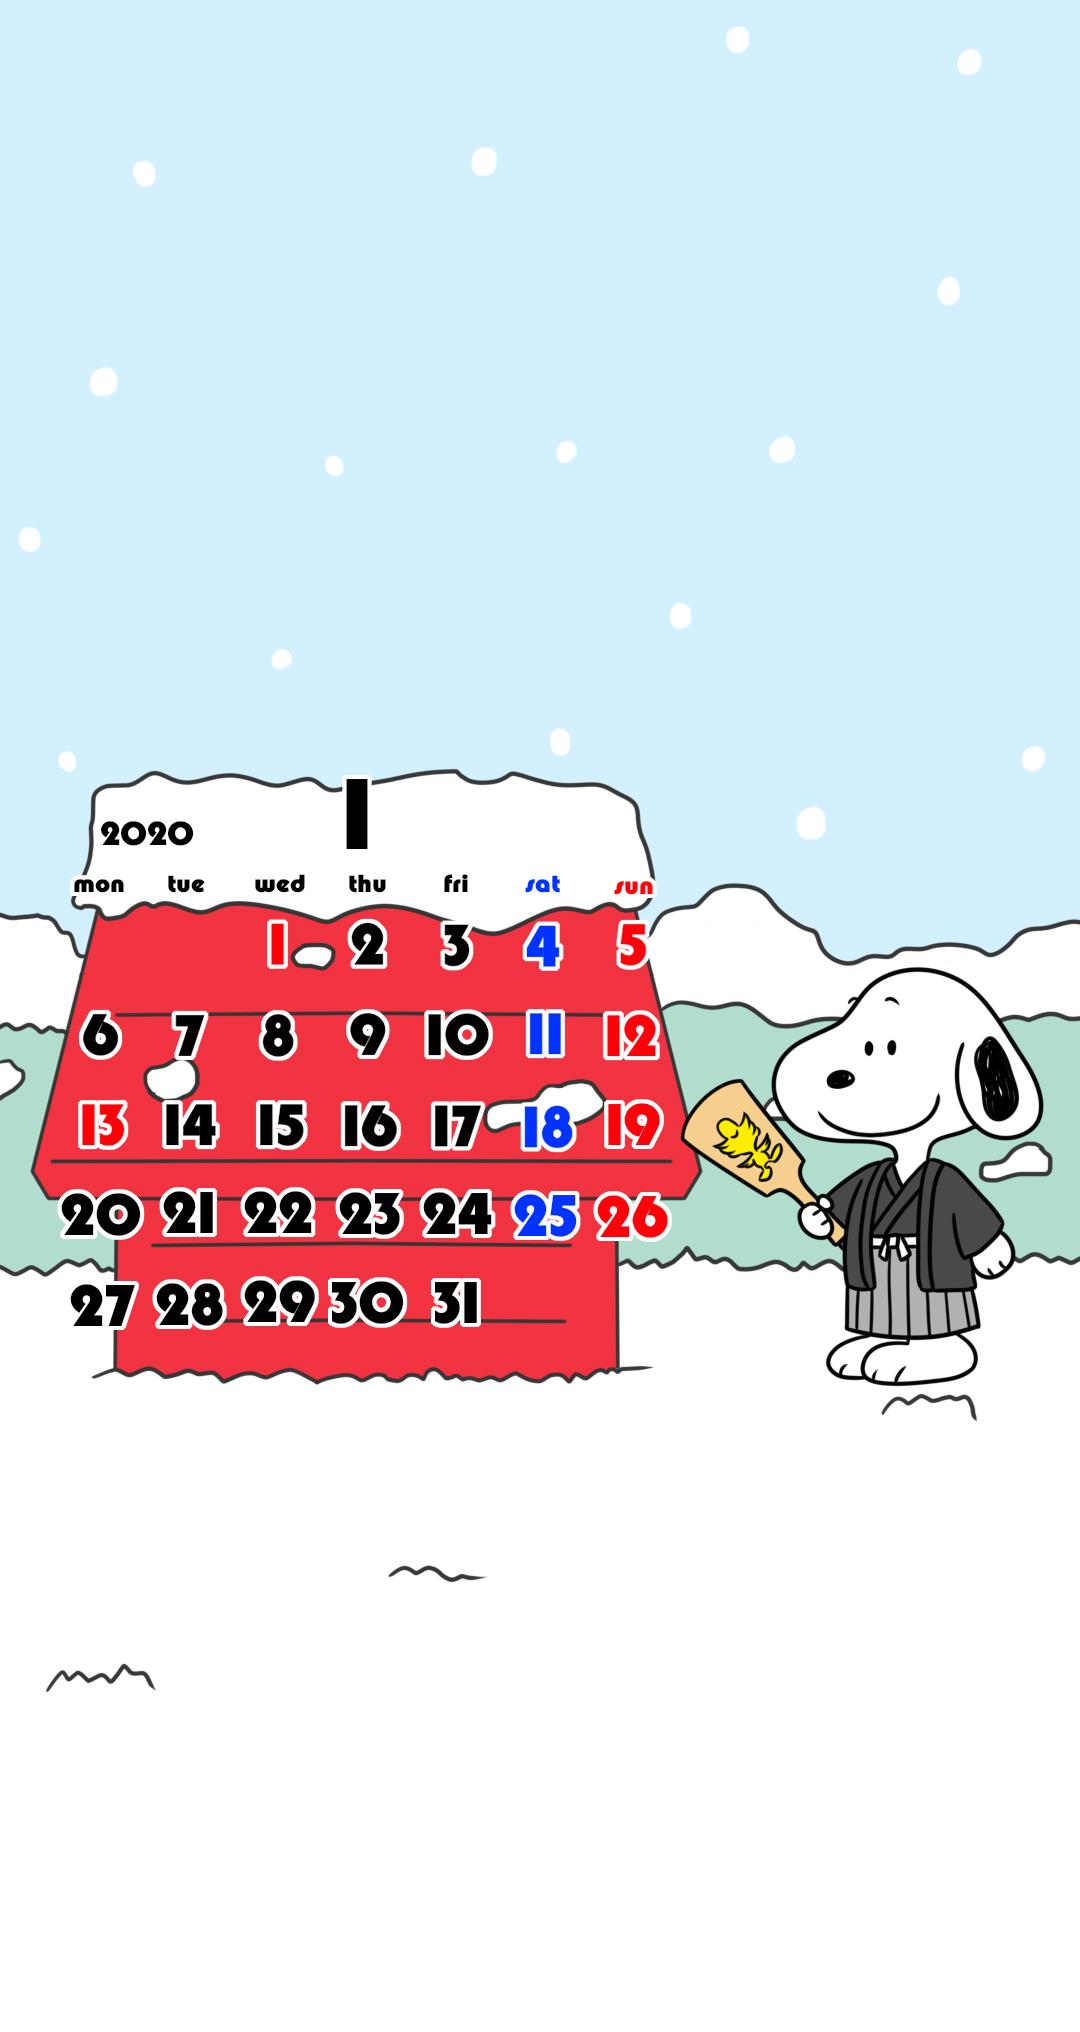 待ち受けカレンダー スマホ壁紙 スヌーピー Android用 月曜始まり